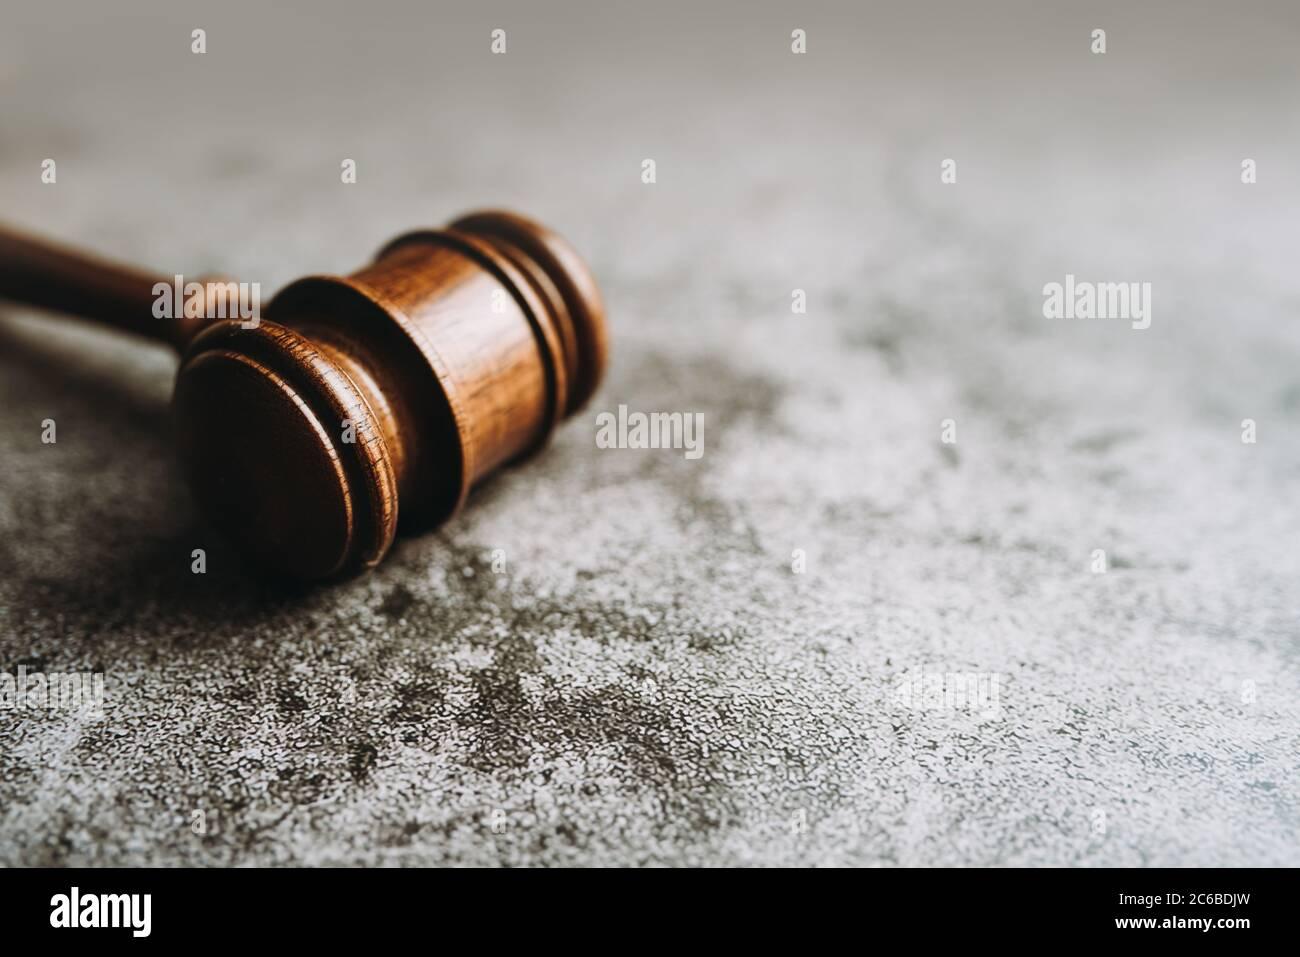 Juge en bois, Gavel sur fond de pierre grise, concept de loi de bannière Banque D'Images